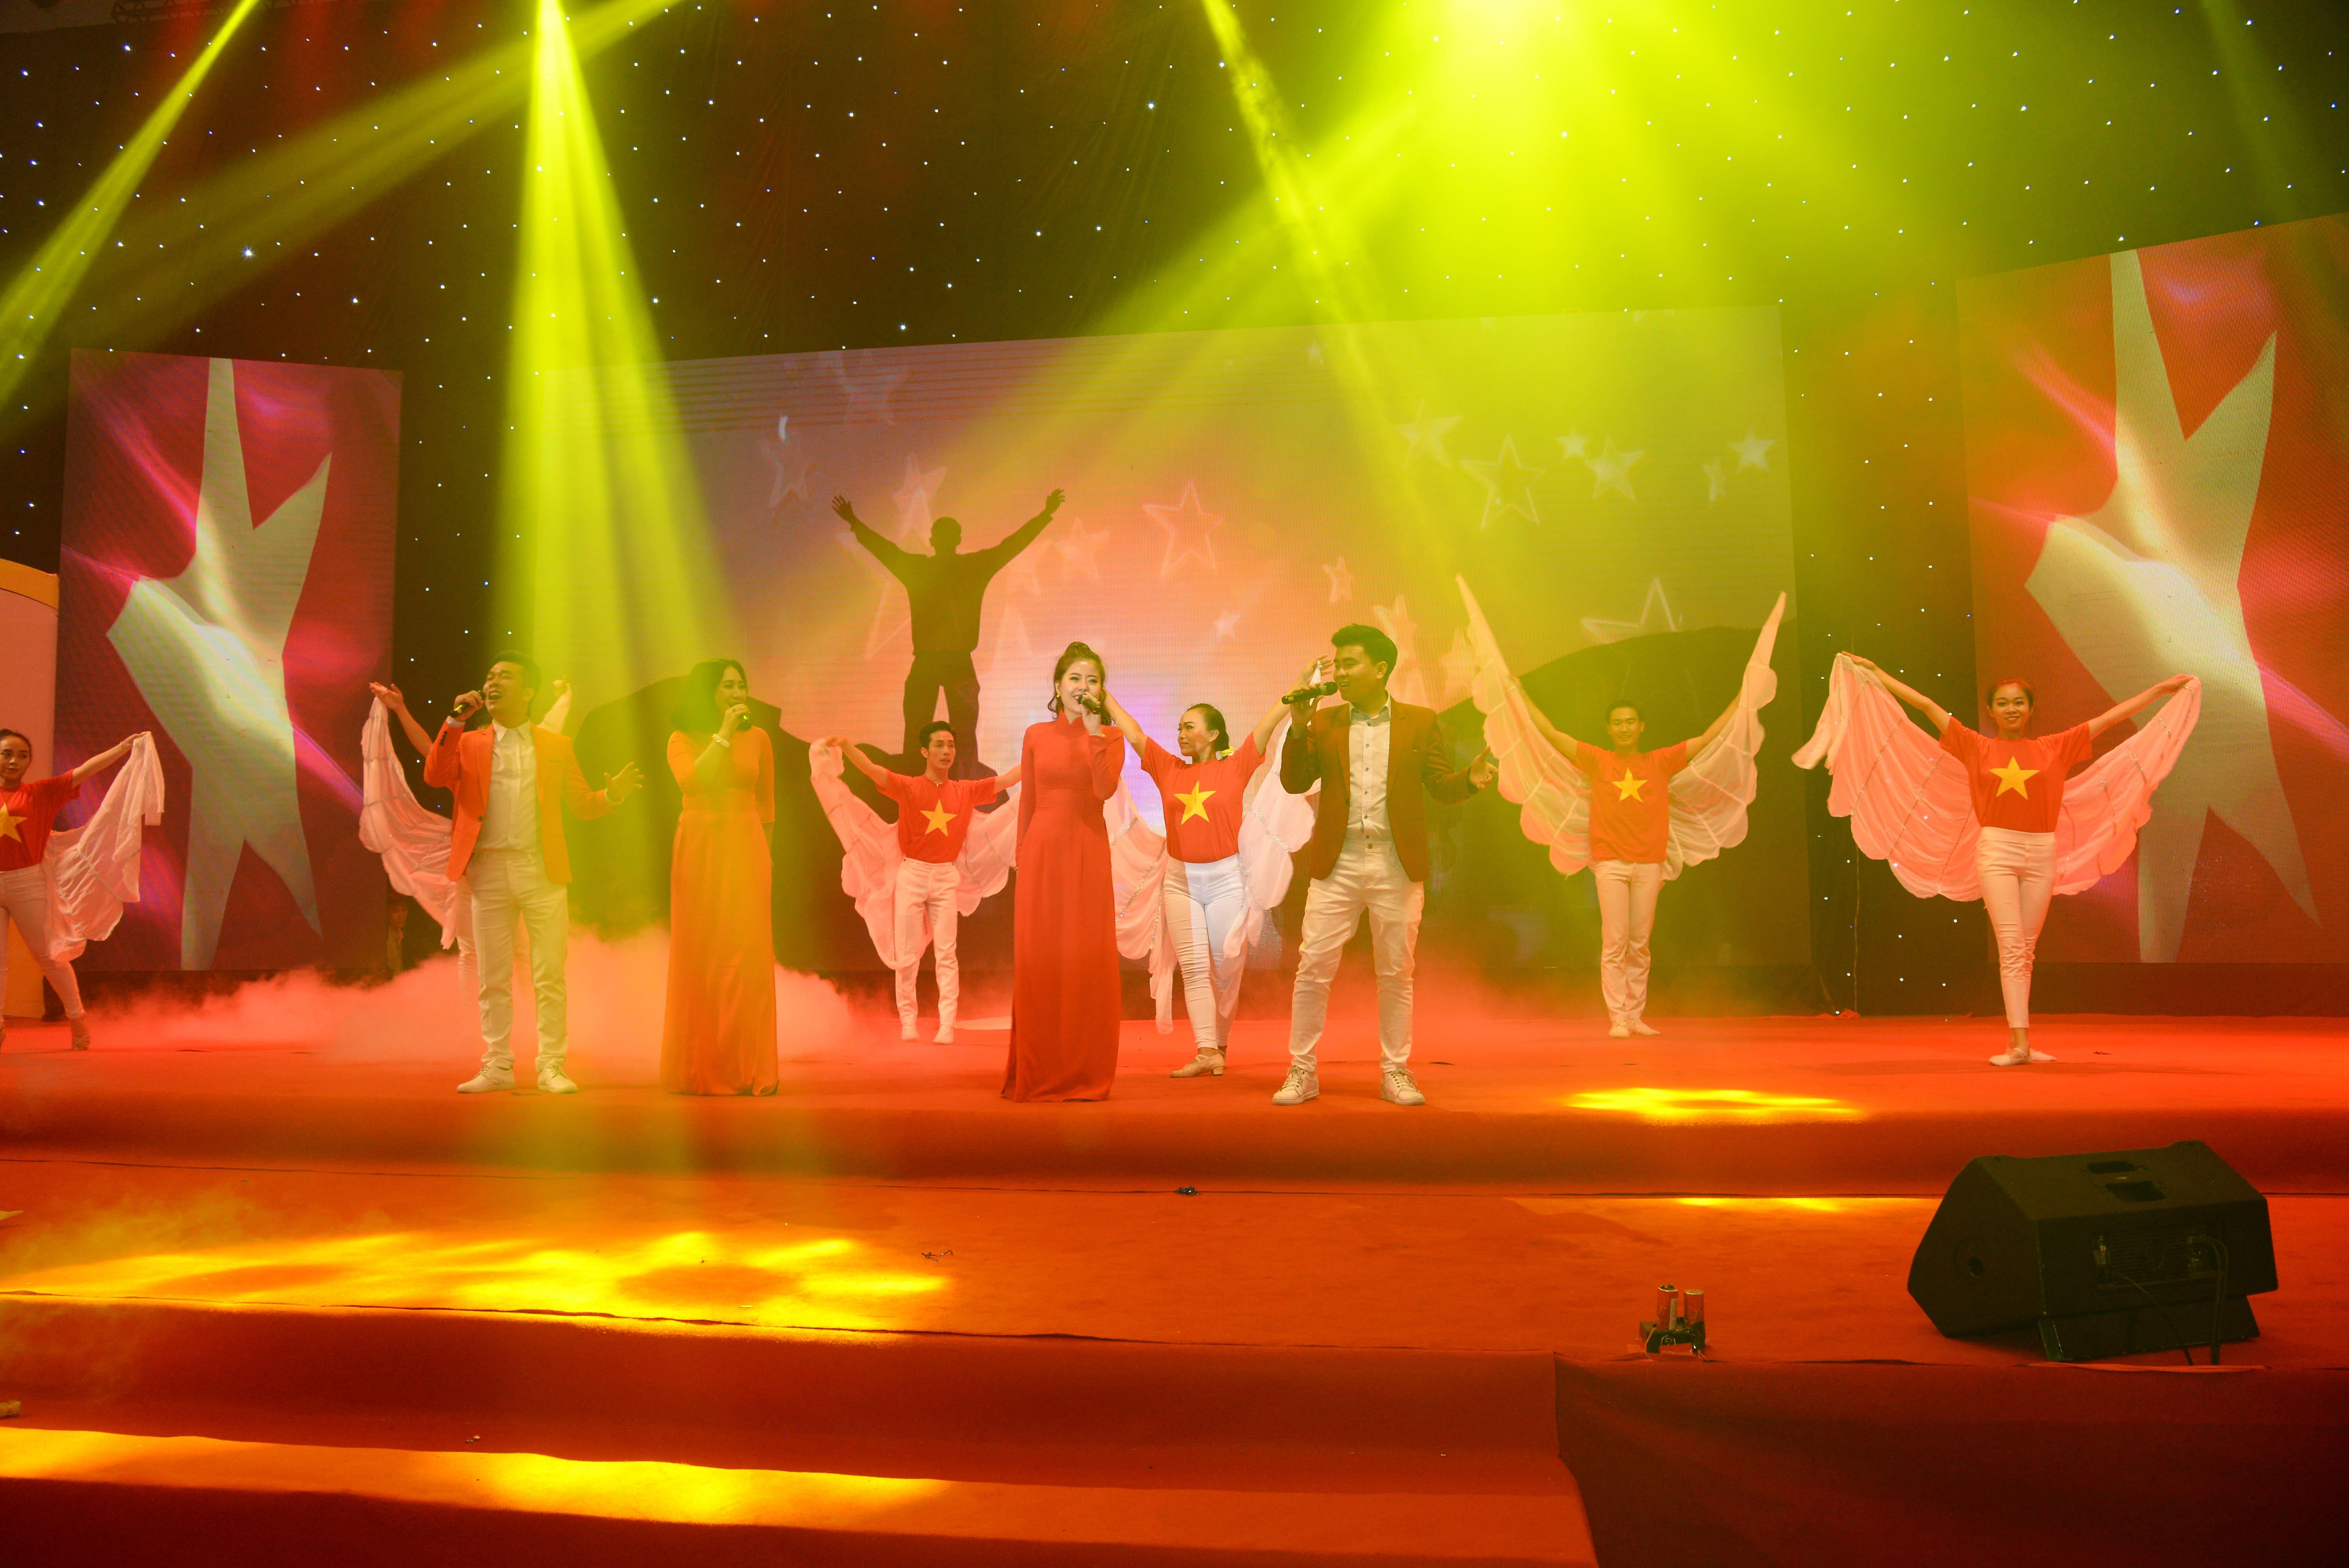 Tổ chức sự kiện đại hội và kỷ niệm 15 năm thành lập hiệp hội DNNT tại TP.HCM